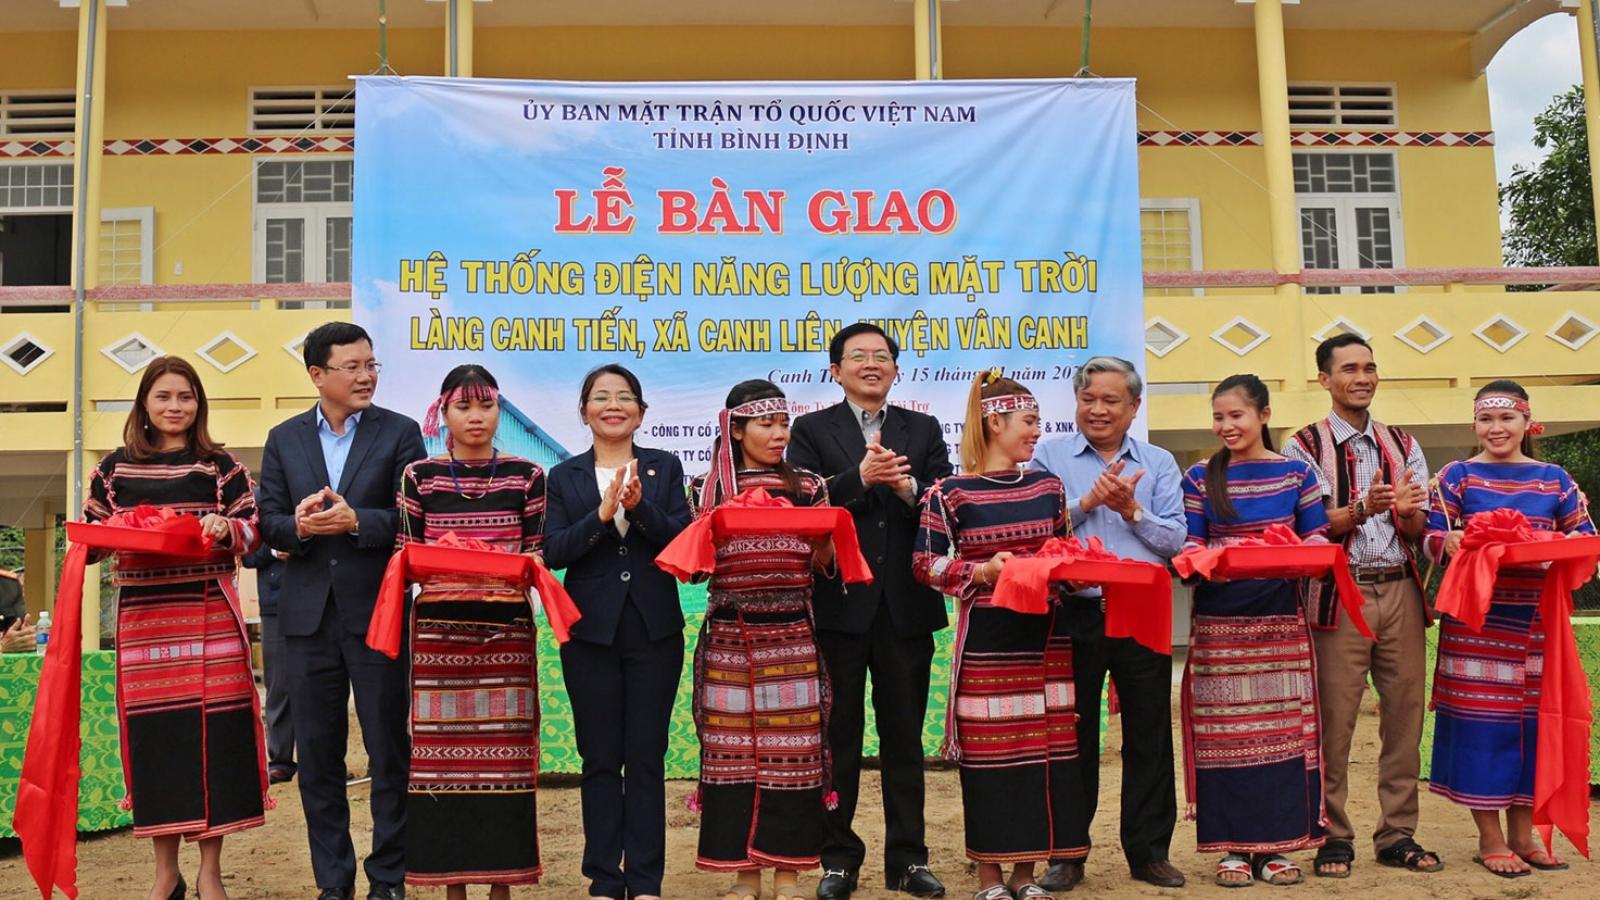 Bàn giao hệ thống điện năng lượng mặt trời tặng đồng bào dân tộc thiểu số huyện Vân Canh